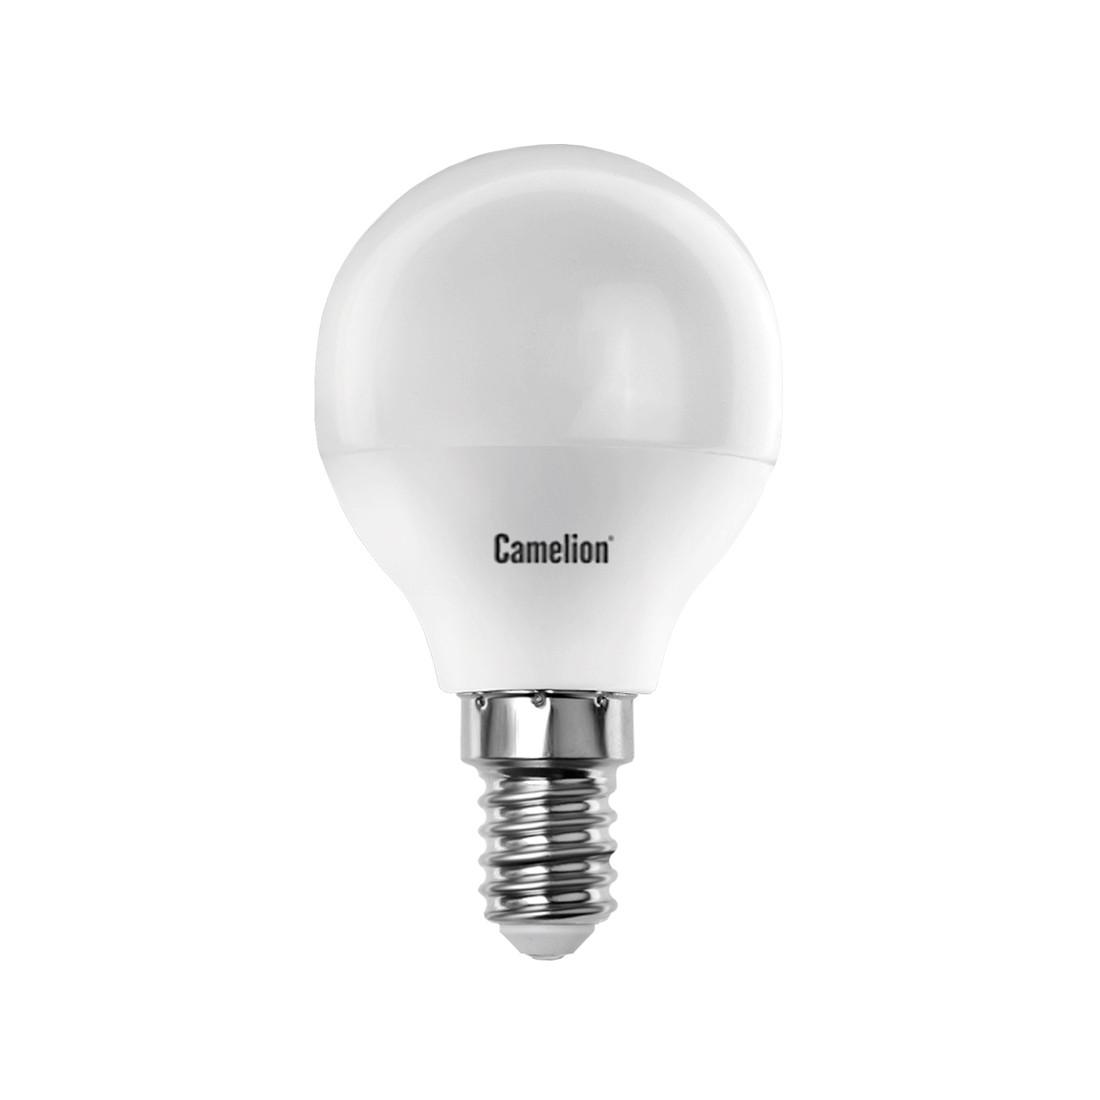 Светодиодная лампа Camelion LED7-G45/865/E14 (дневной свет)